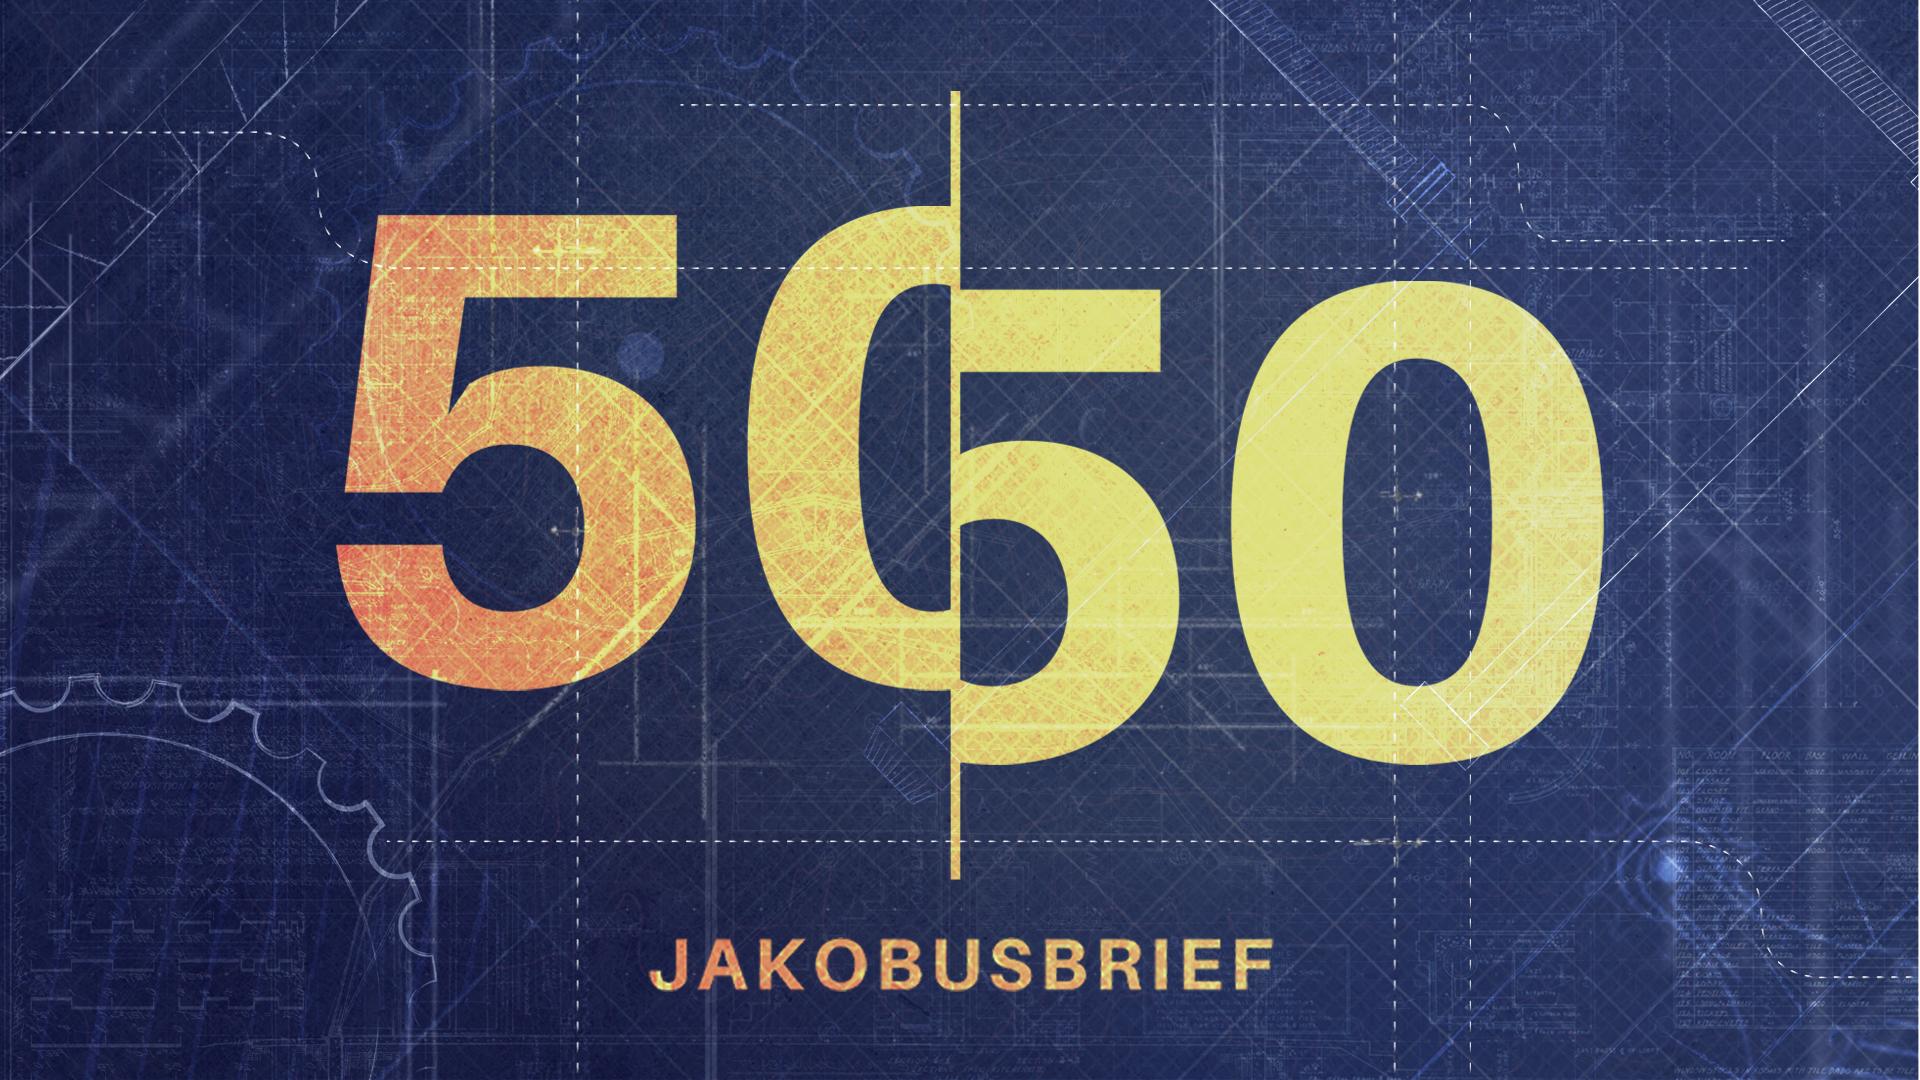 50 / 50 (Jakobusbrief)